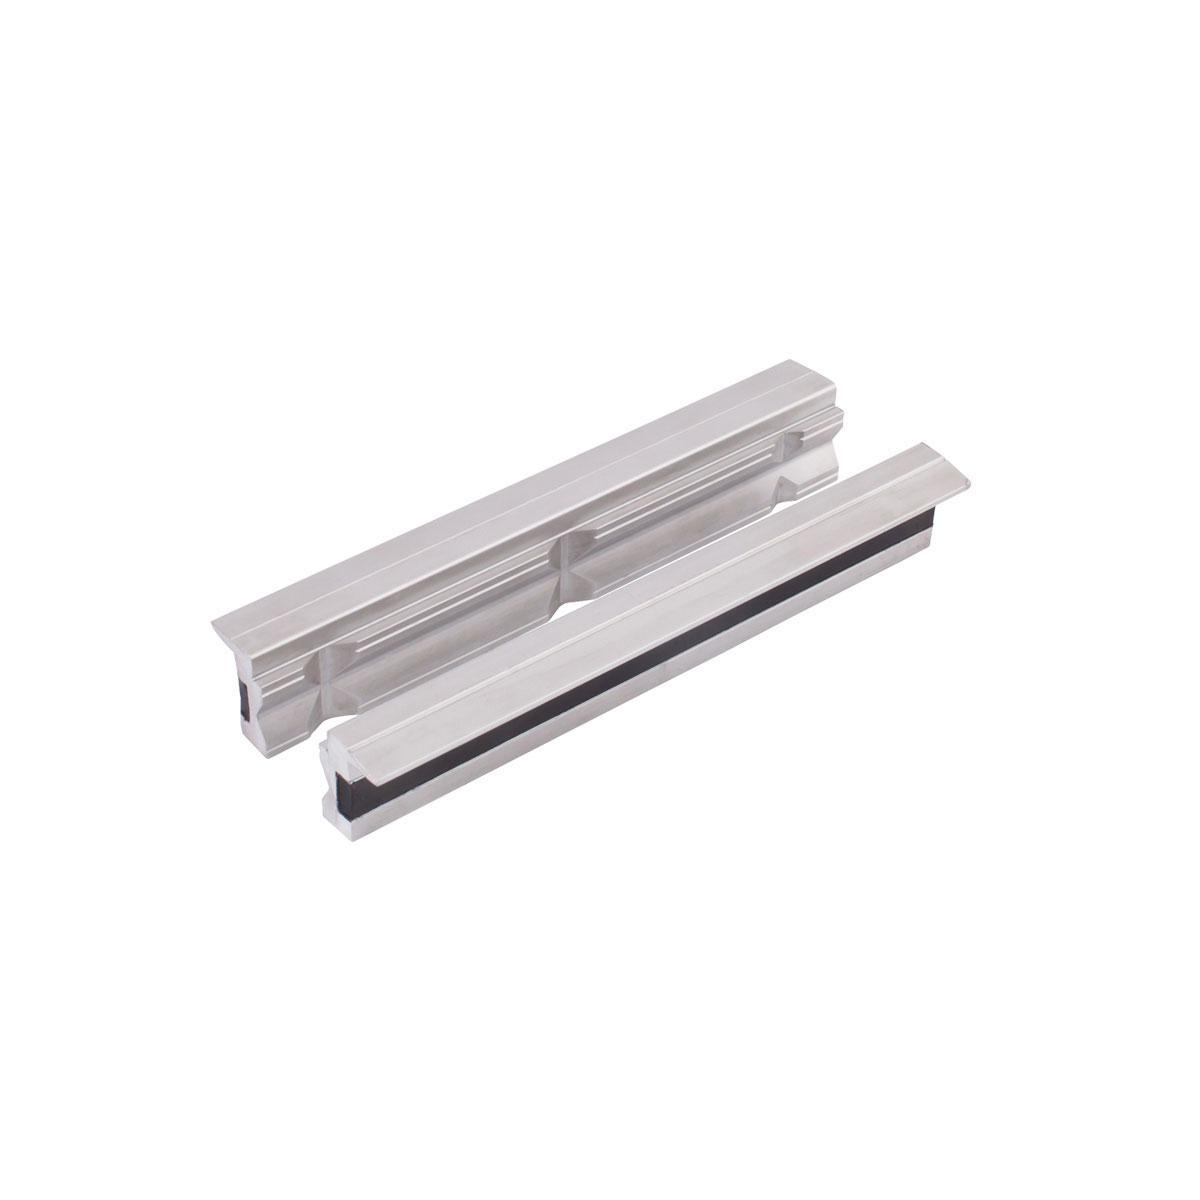 Губки Norgau N410p-125 (073008125) цена